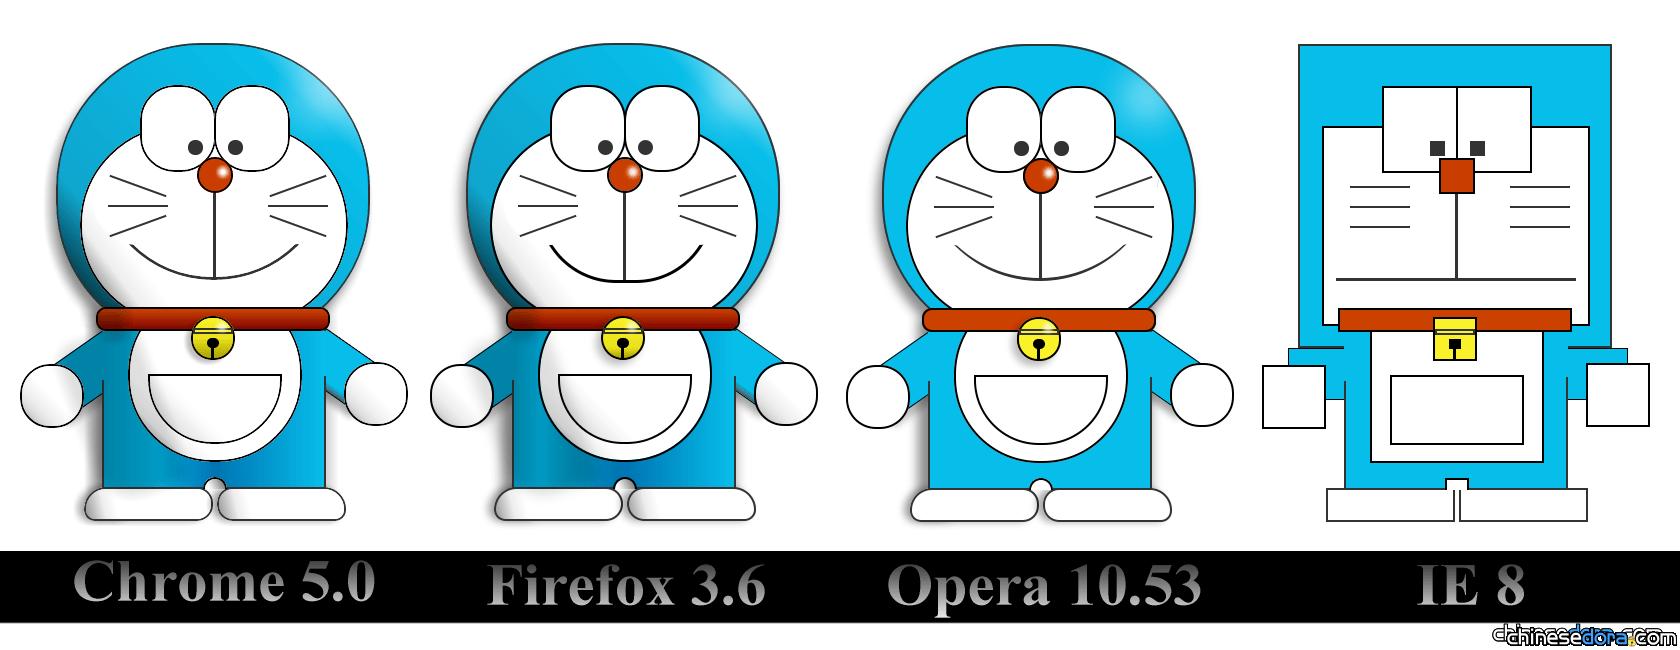 [網路] 最新CSS3技術做哆啦A夢 IE8看起來超畸形